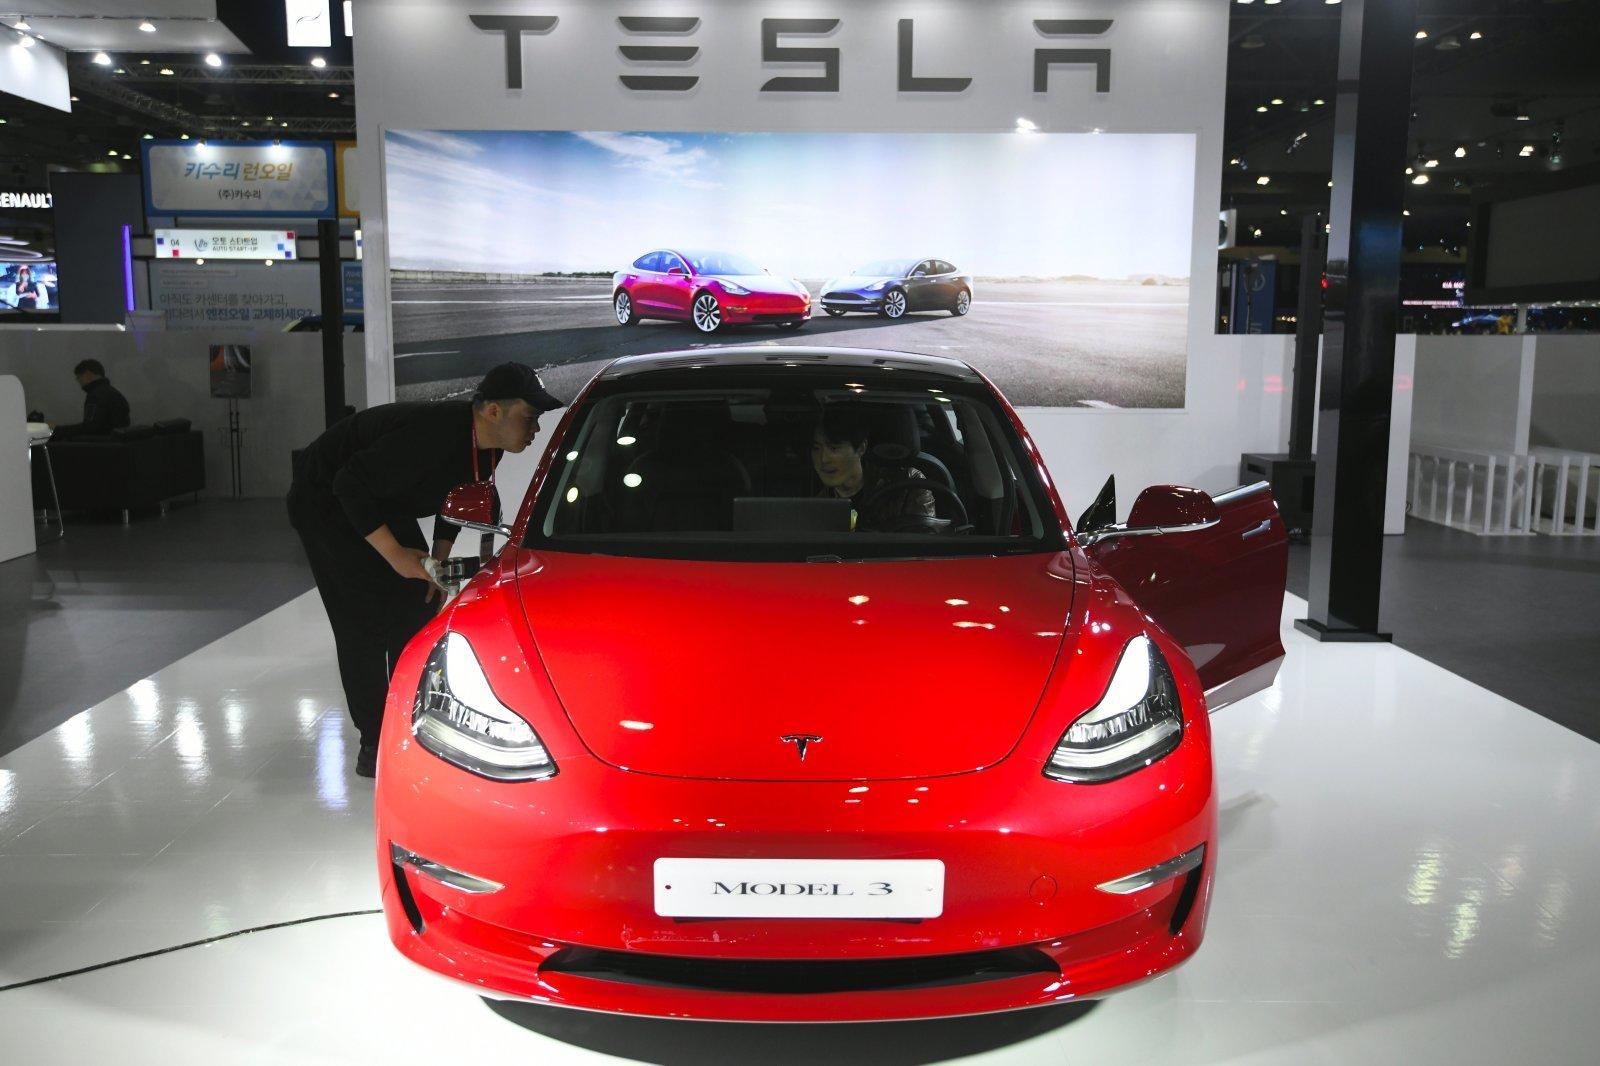 Украинские владельцы Tesla записали видео для Маска— онлаконично ответил